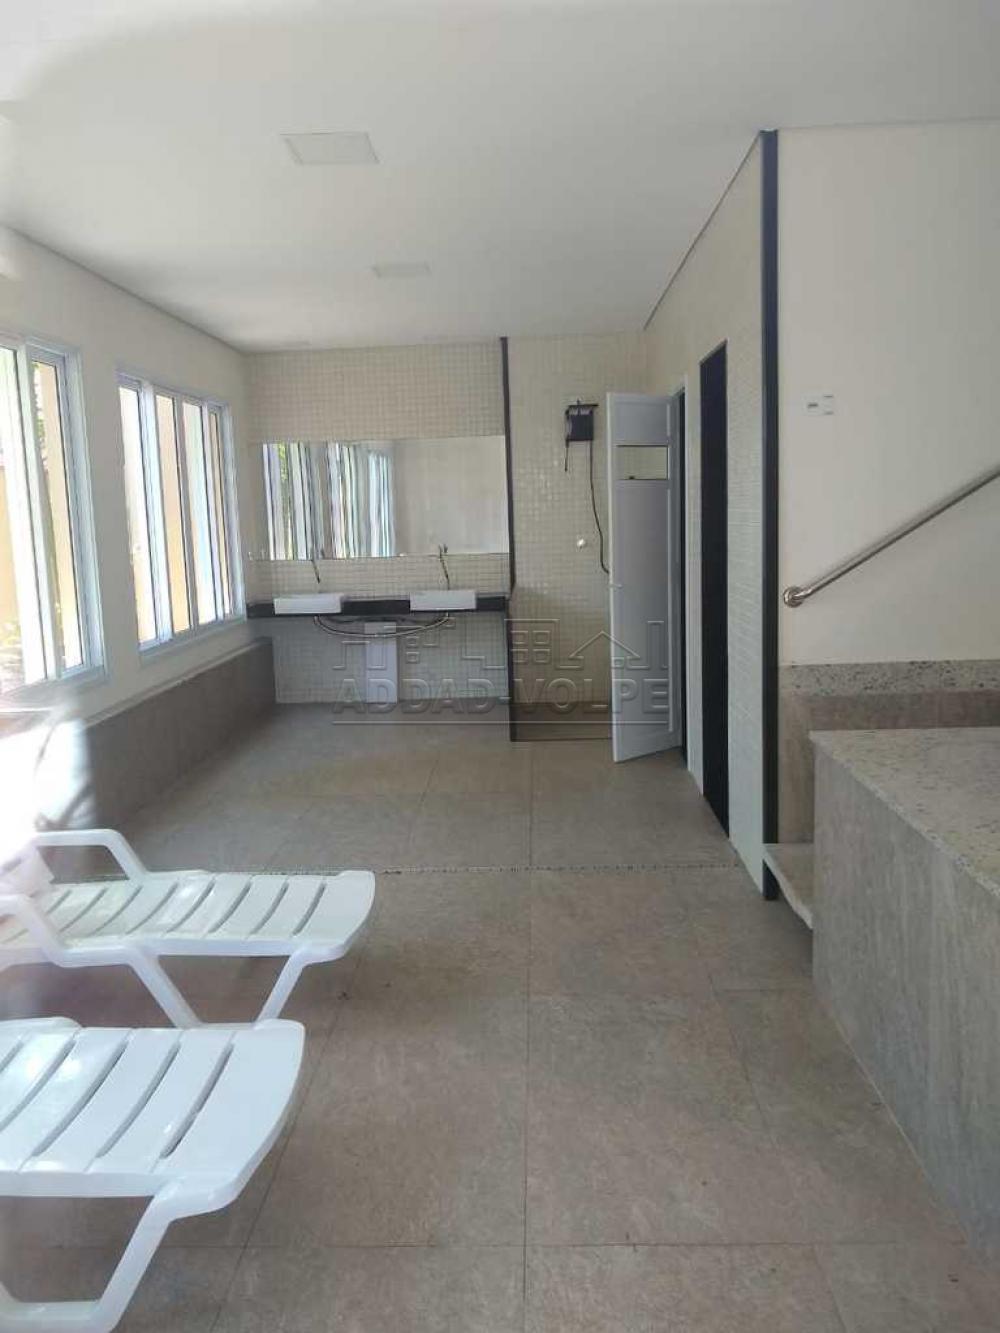 Comprar Apartamento / Padrão em Bauru R$ 990.000,00 - Foto 31